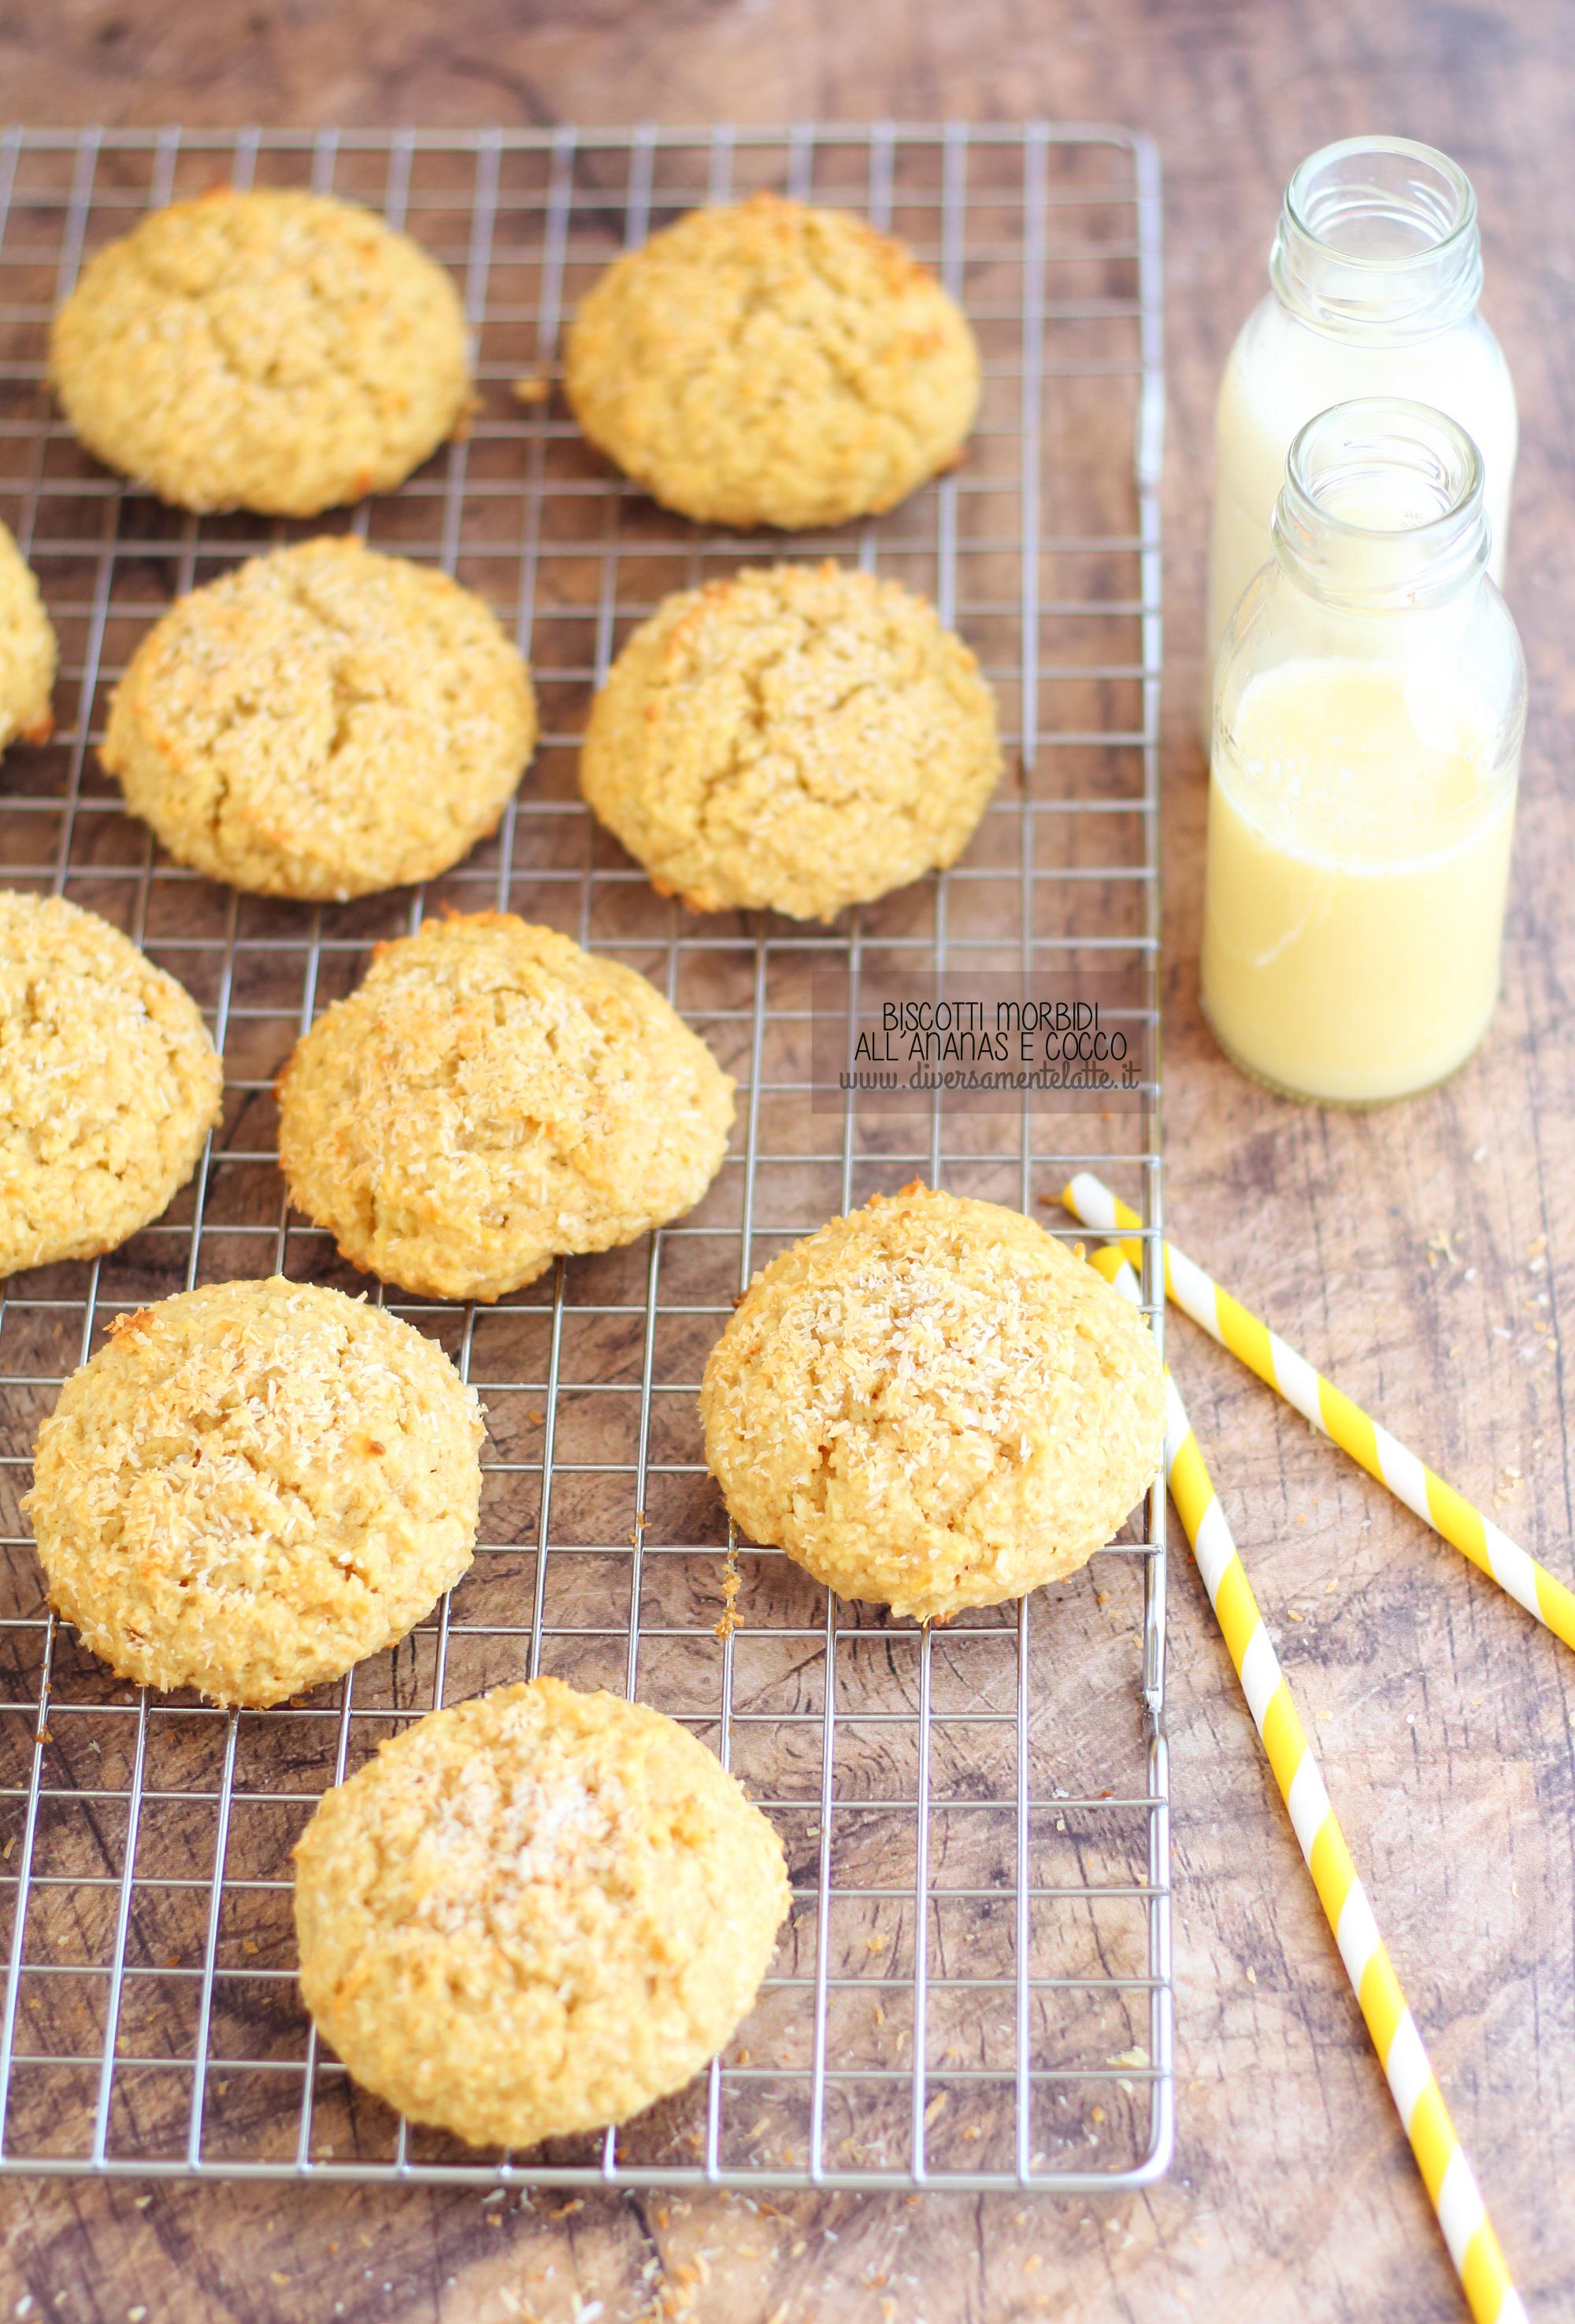 biscotti ananas e cocco